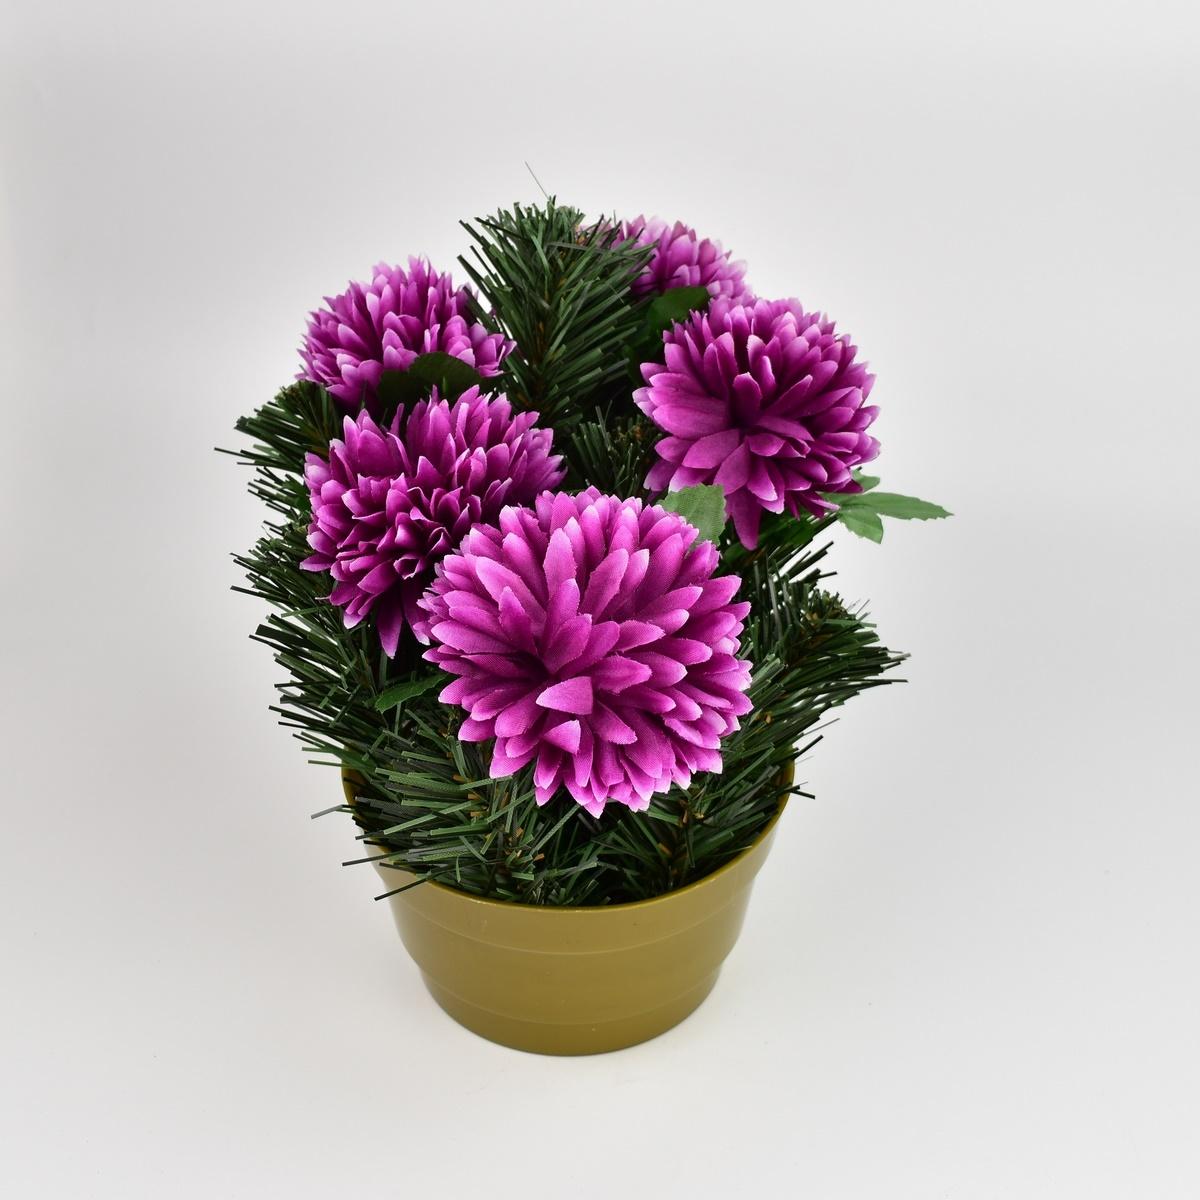 Dušičková dekorace s chryzantémami 23 cm, fialová